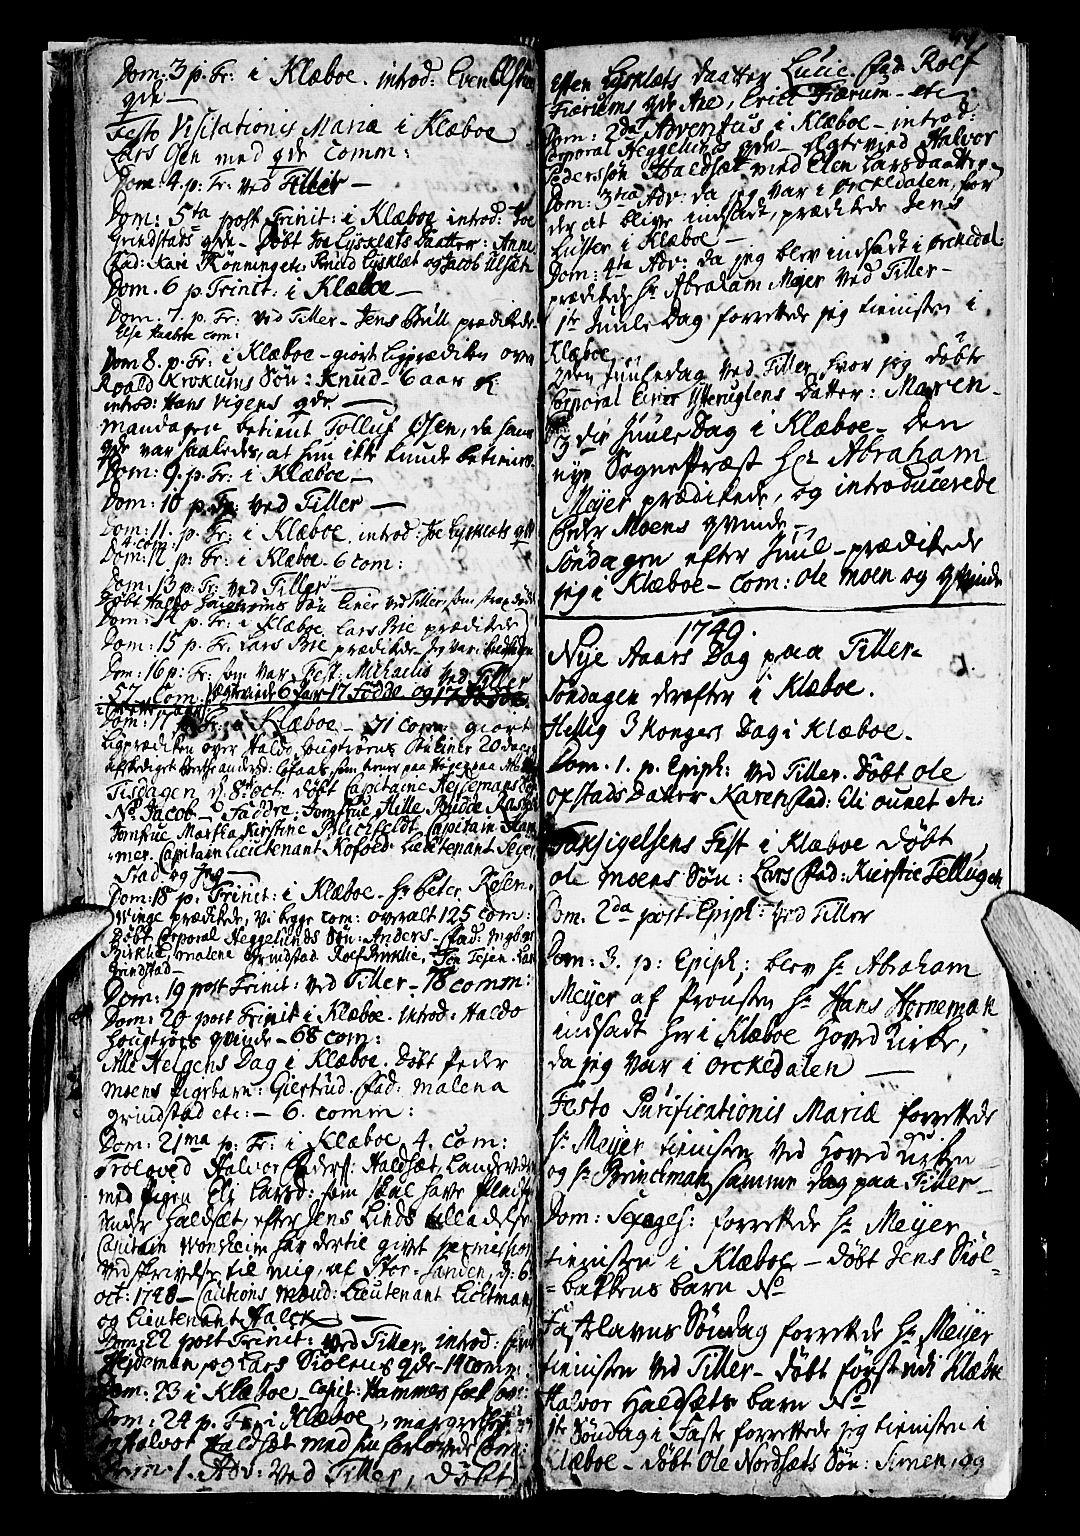 SAT, Ministerialprotokoller, klokkerbøker og fødselsregistre - Sør-Trøndelag, 618/L0436: Ministerialbok nr. 618A01, 1741-1749, s. 14